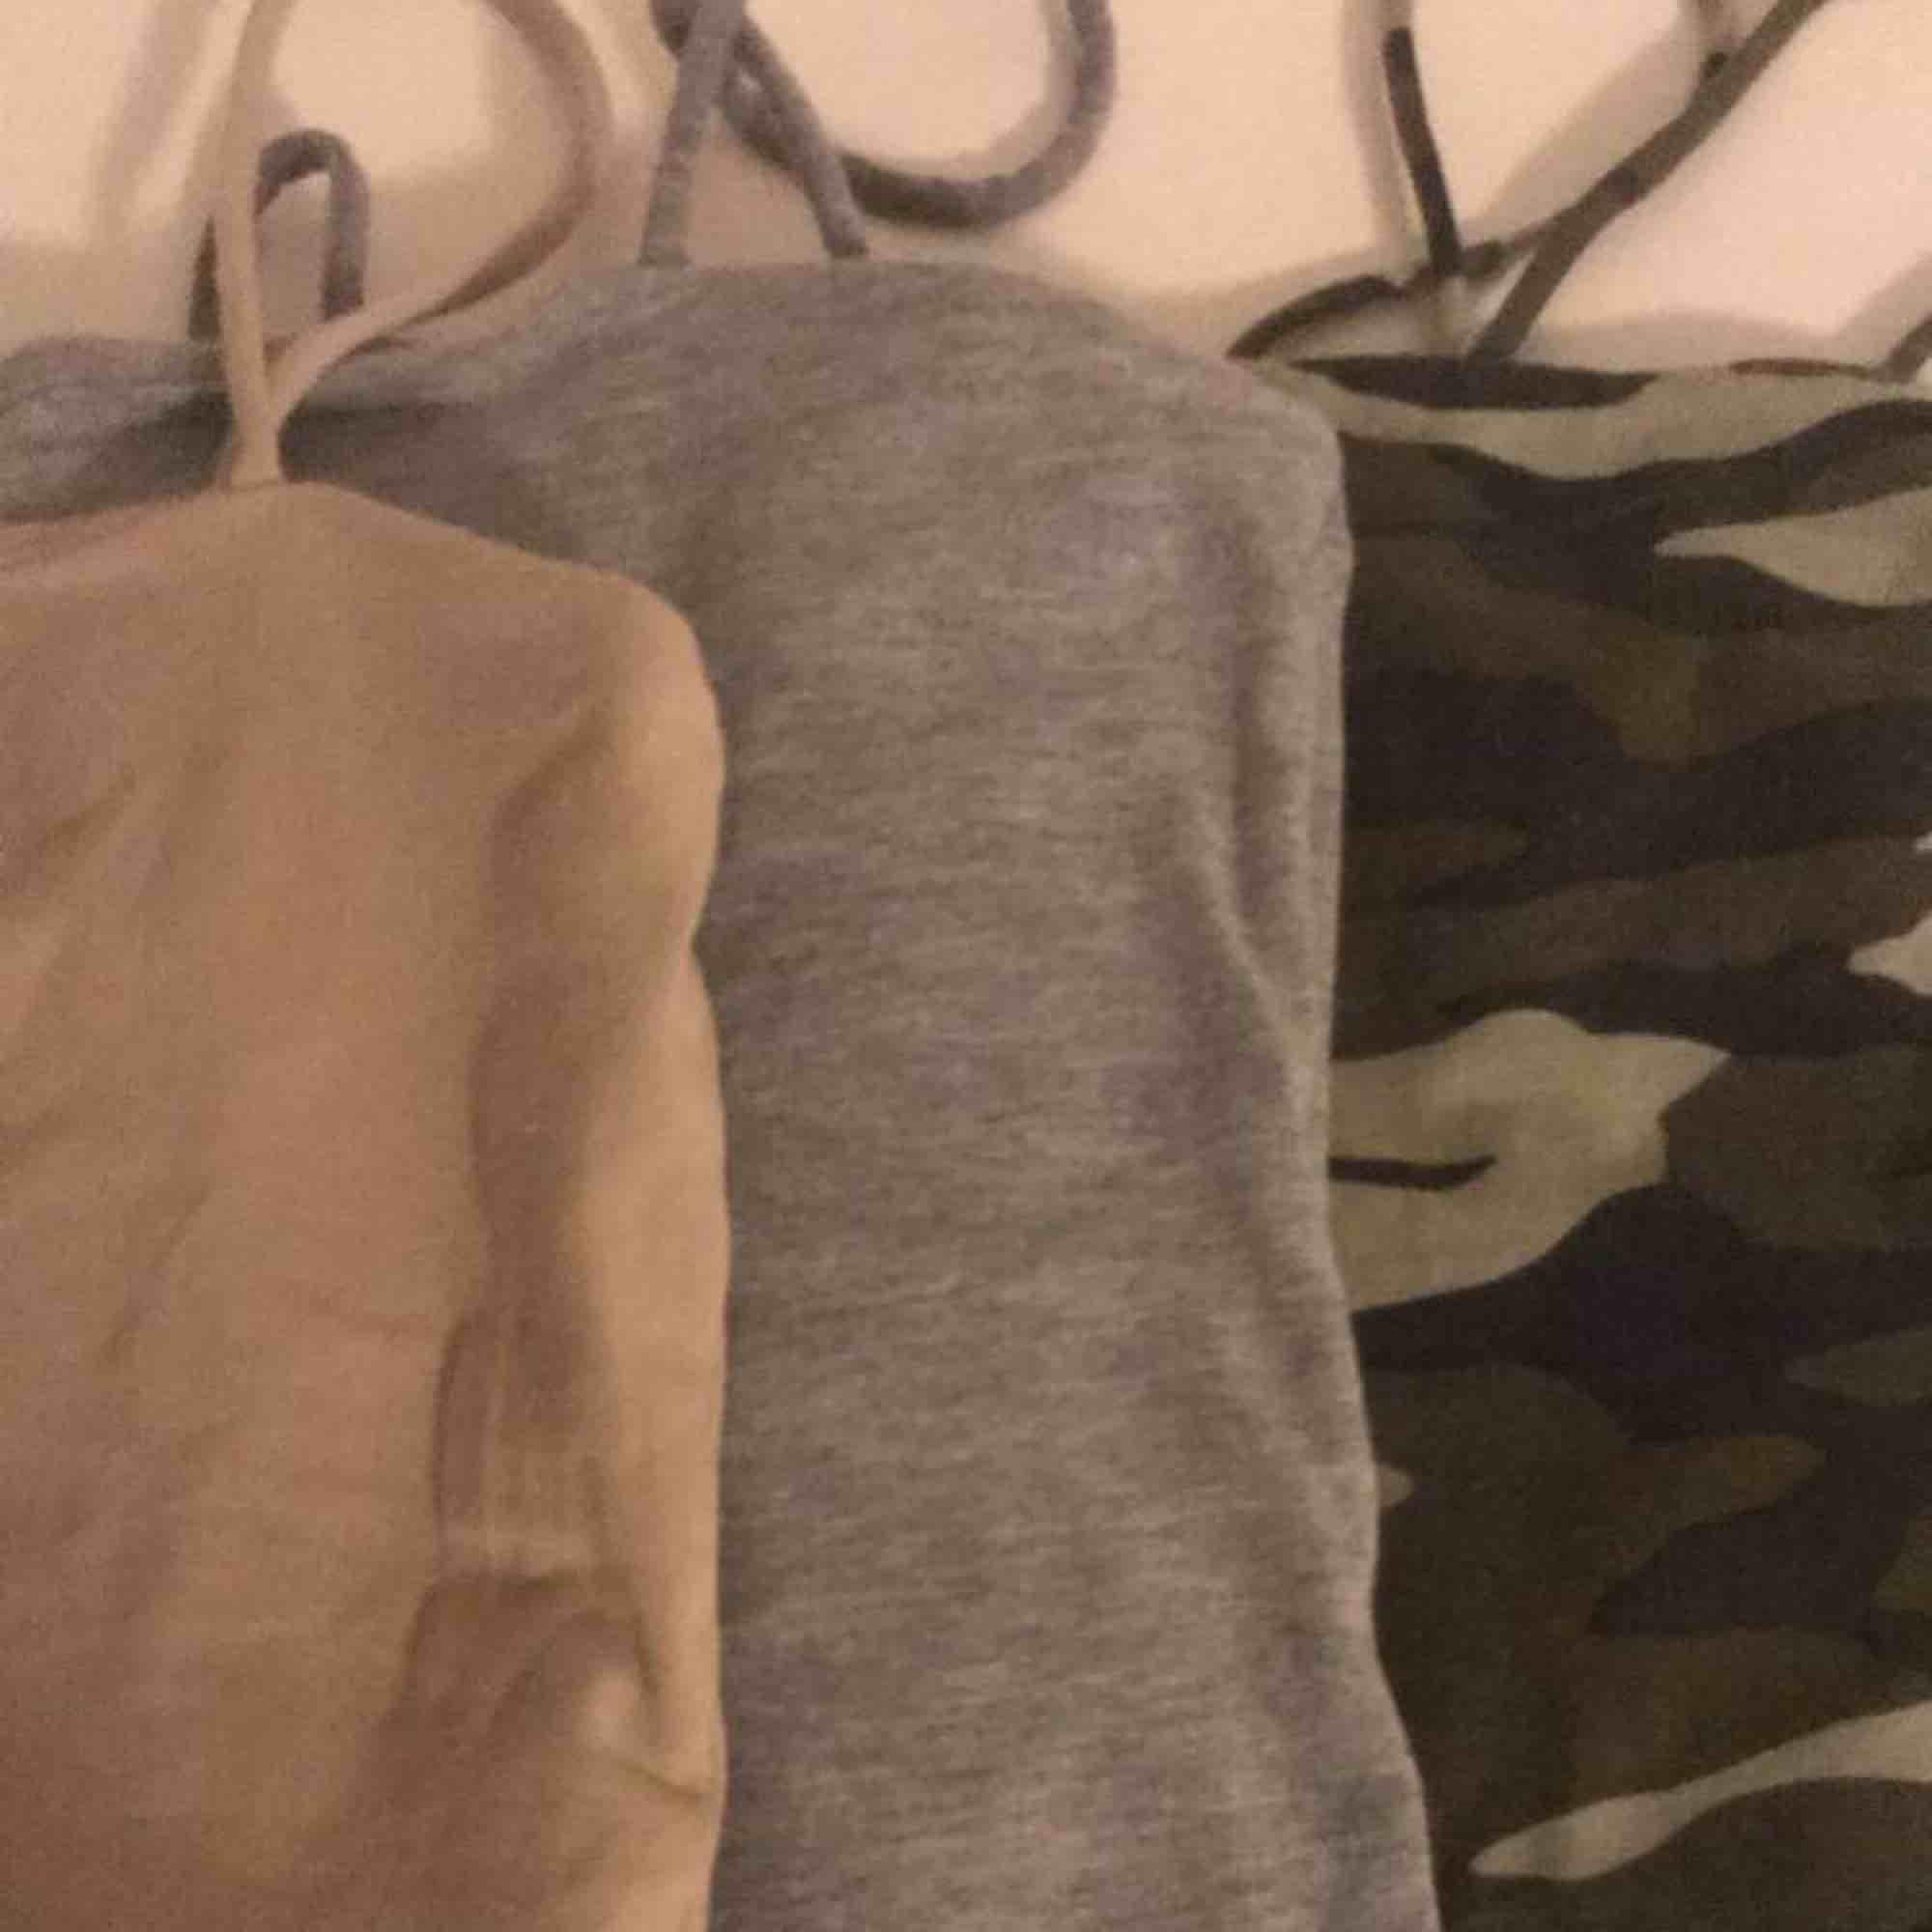 3 stycken ginatricot linnen. Alla för 50kr. Först till kvarn, kan tänka mig gå ner i pris vid snabb affär😊 frakten ligger på 42kr. T-shirts.